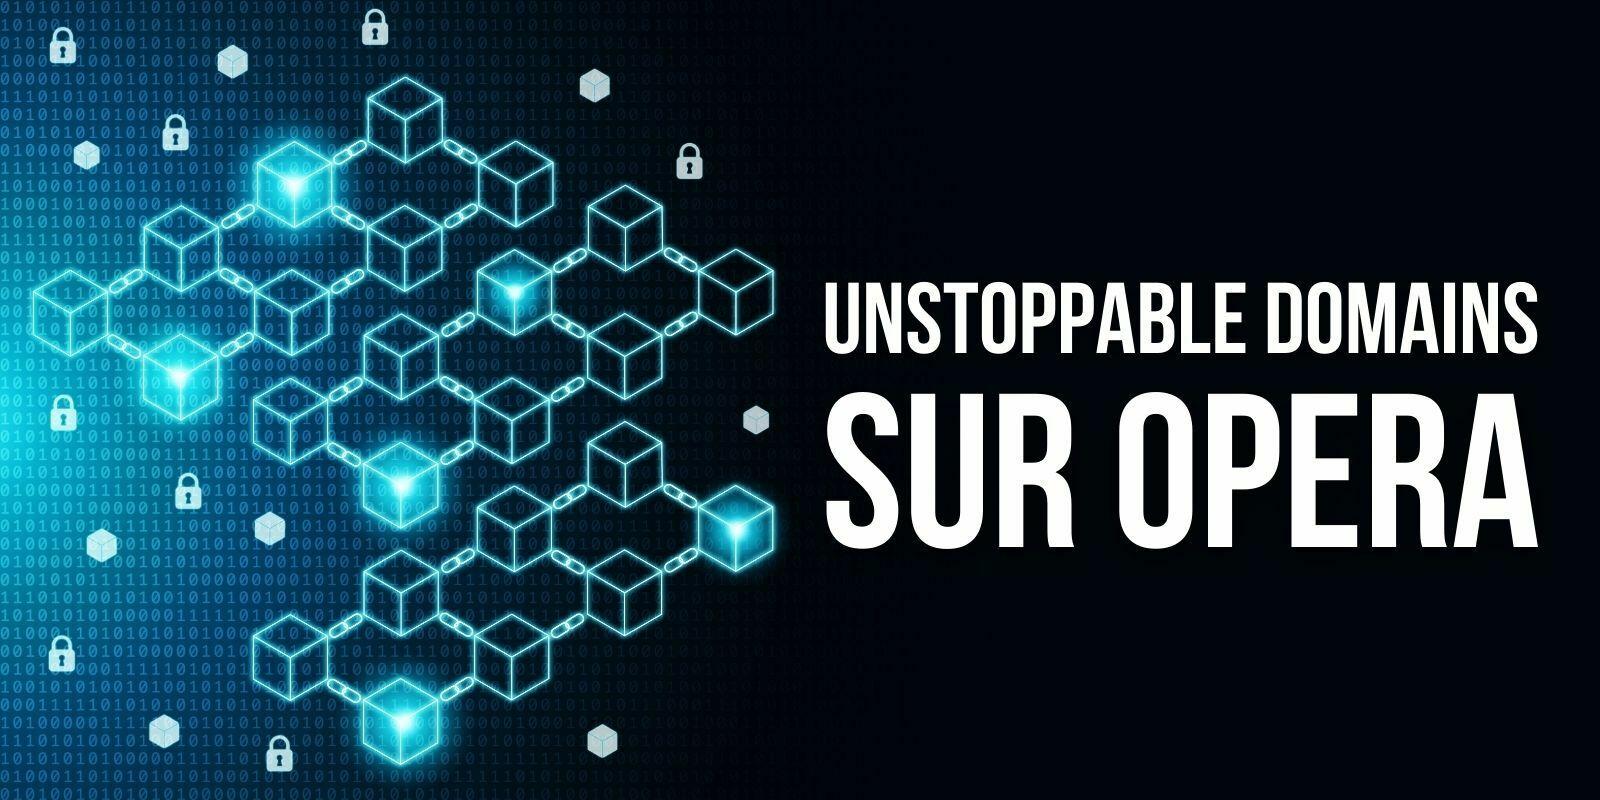 Opera devient le premier navigateur compatible avec les «Unstoppable Domains»